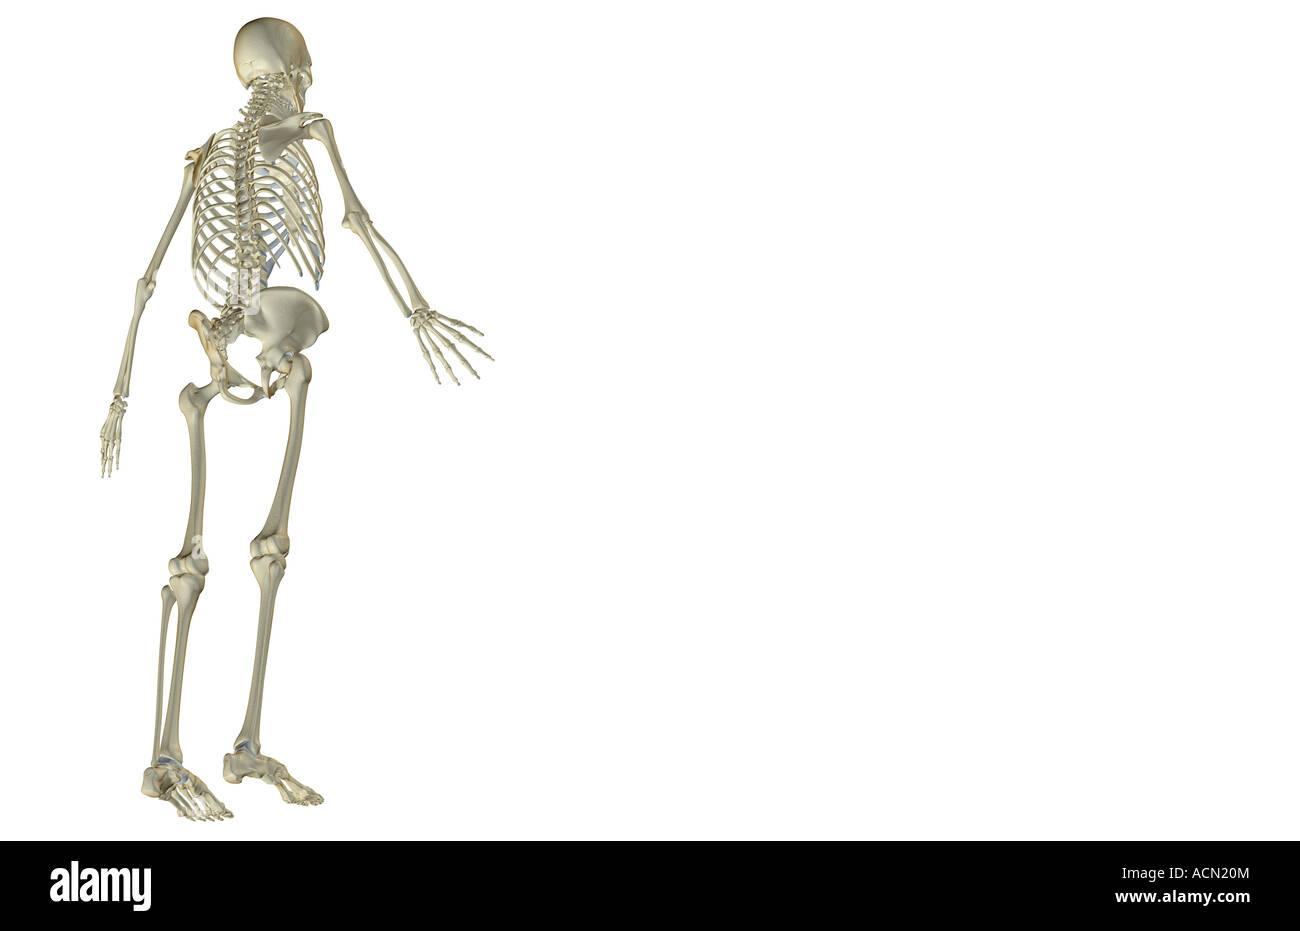 Groß Anatomie Skelett Systems Zeitgenössisch - Anatomie Ideen ...